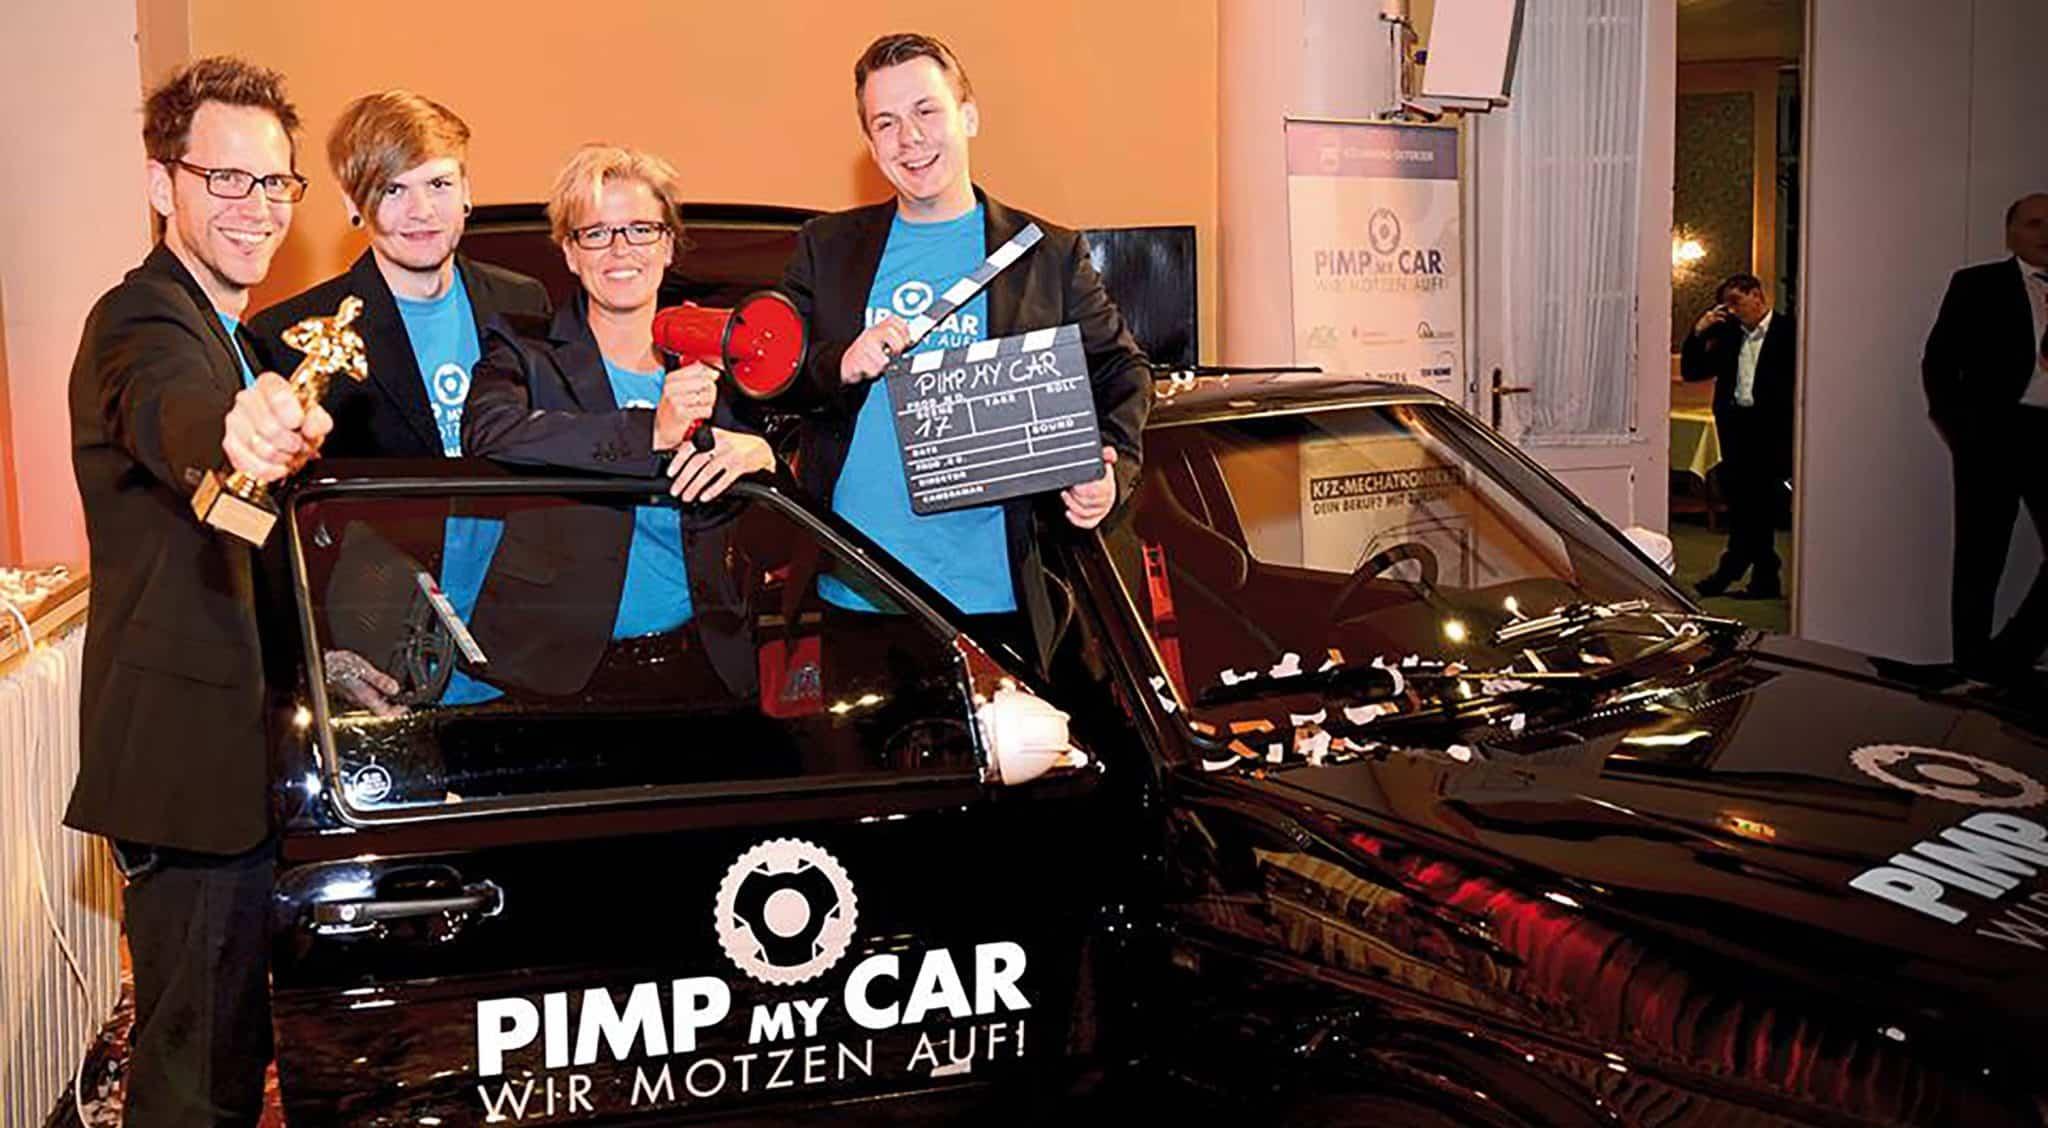 PIMP my Car Doku-Filmprojekt